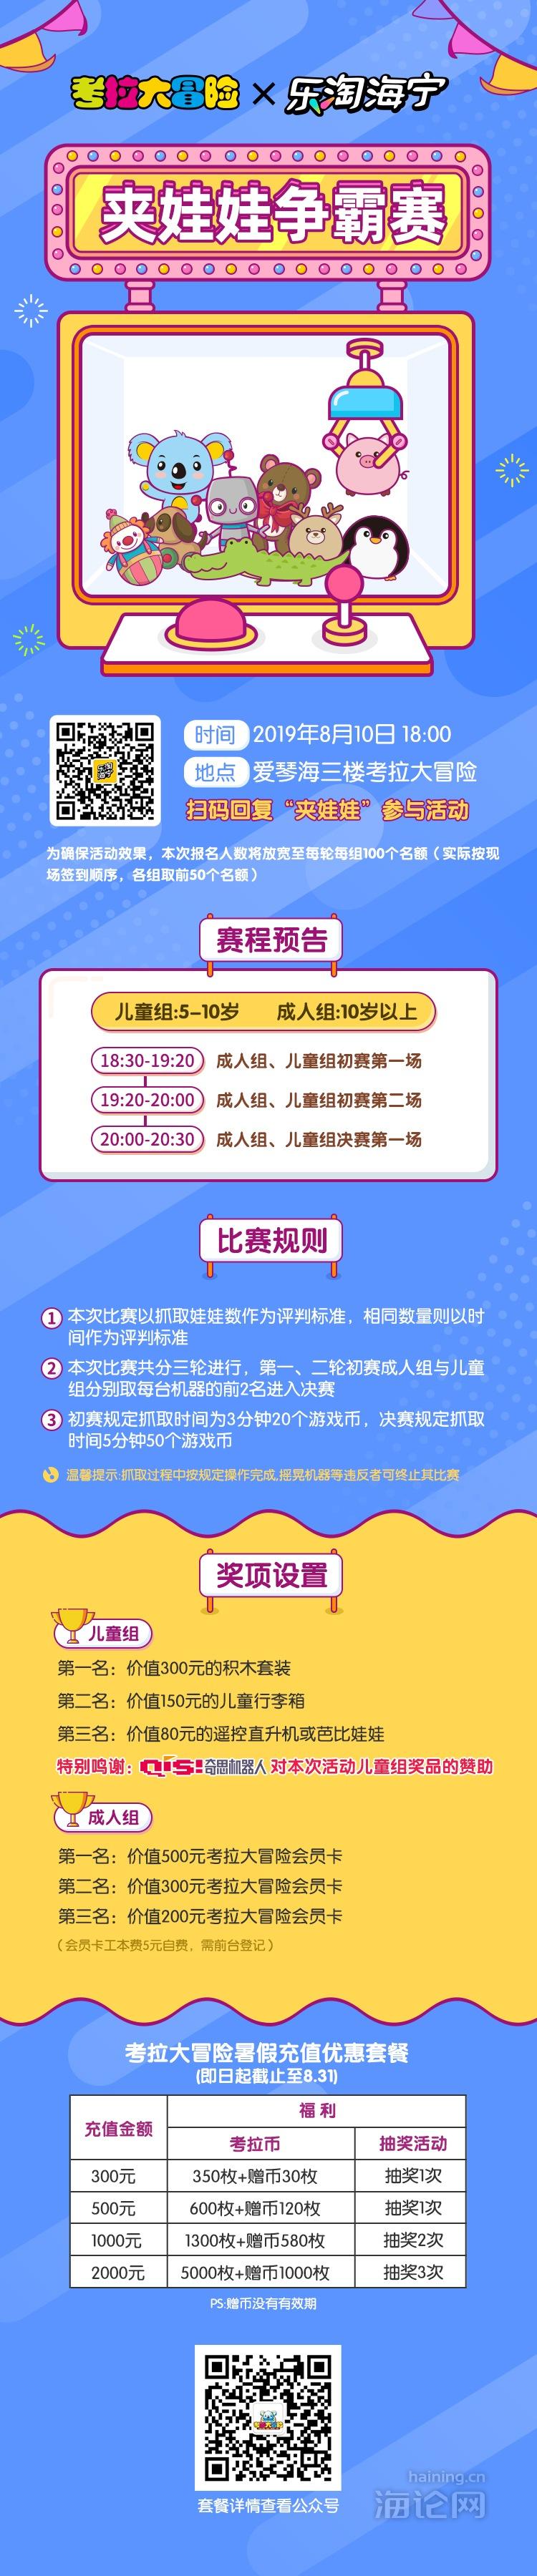 长图(4).jpg